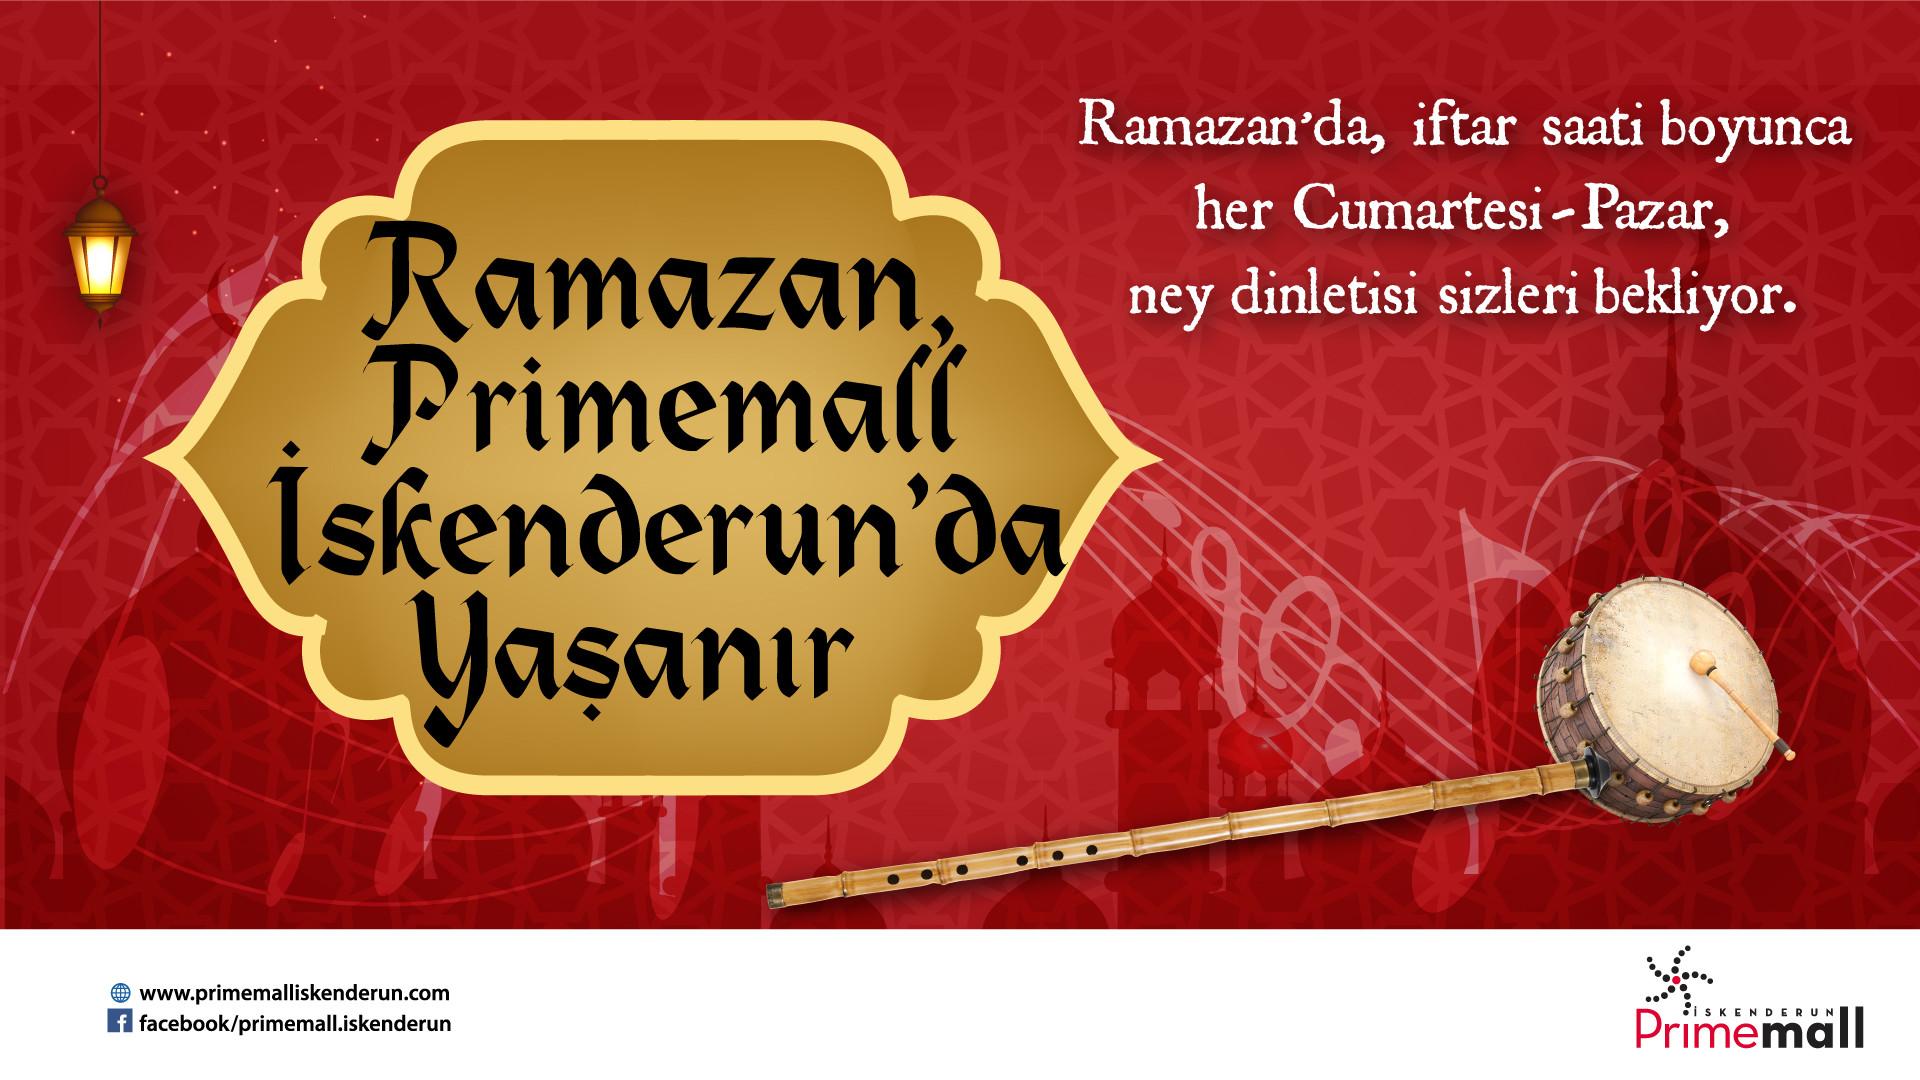 Ramazan Primemall İskenderun'da Yaşanıyor